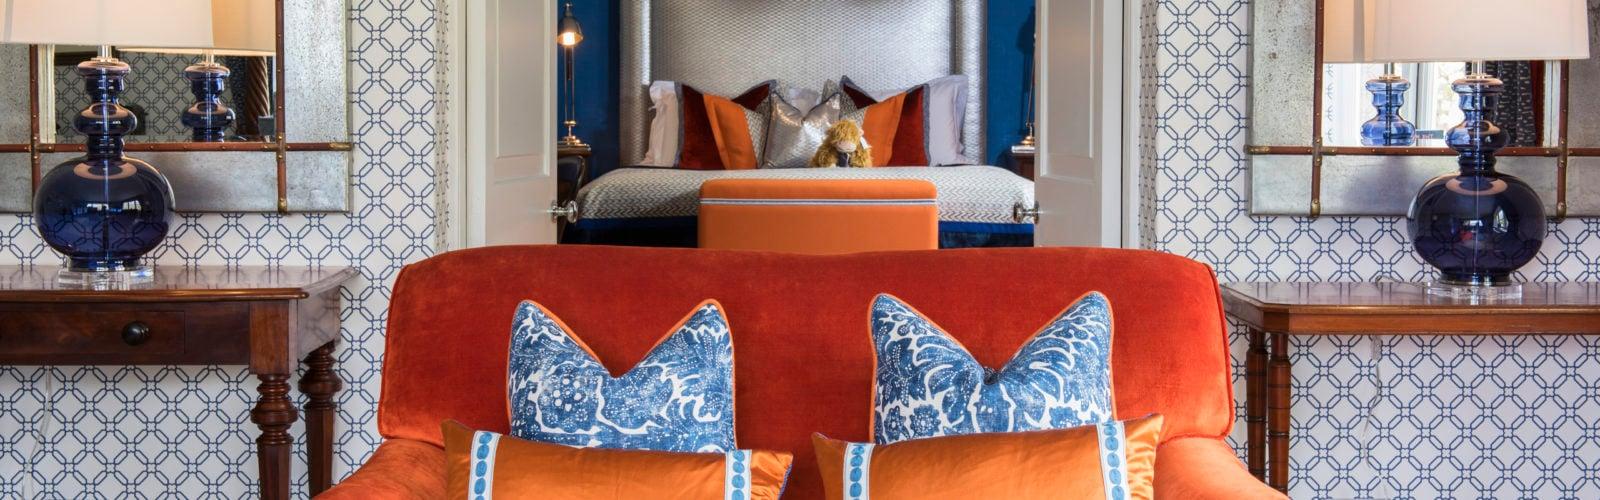 torridon-hotel-bedroom